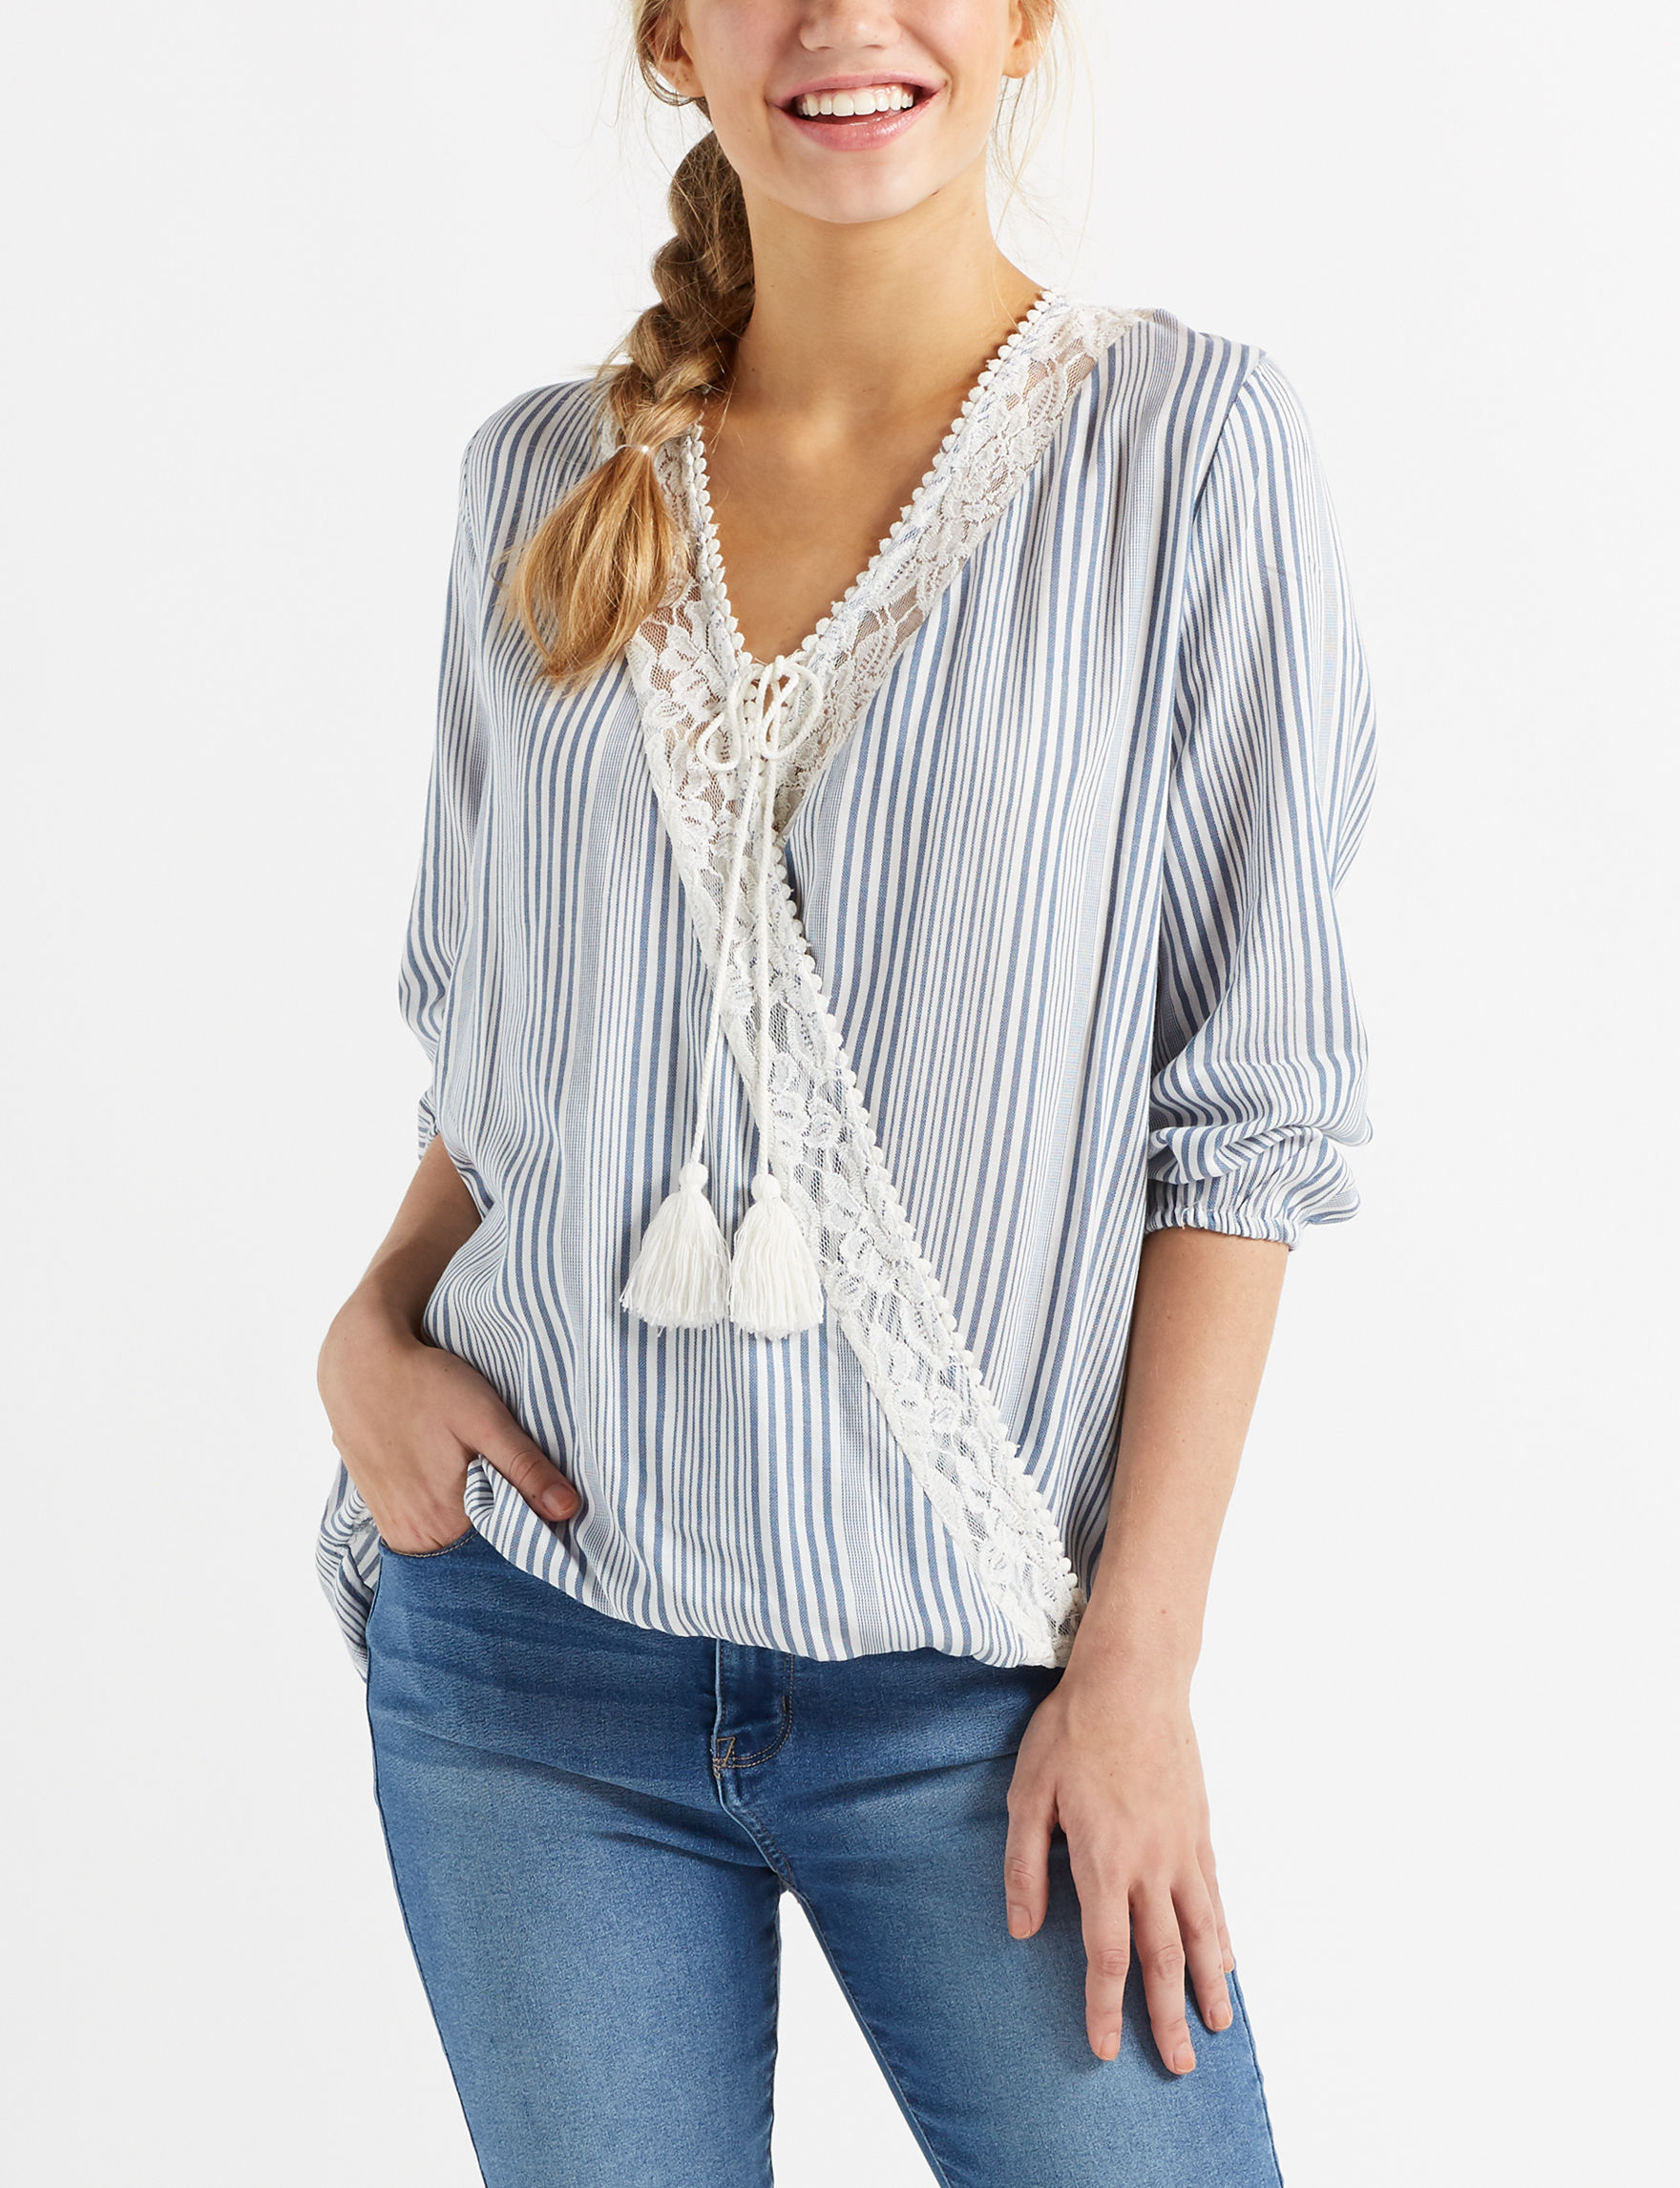 Taylor & Sage Slate Shirts & Blouses